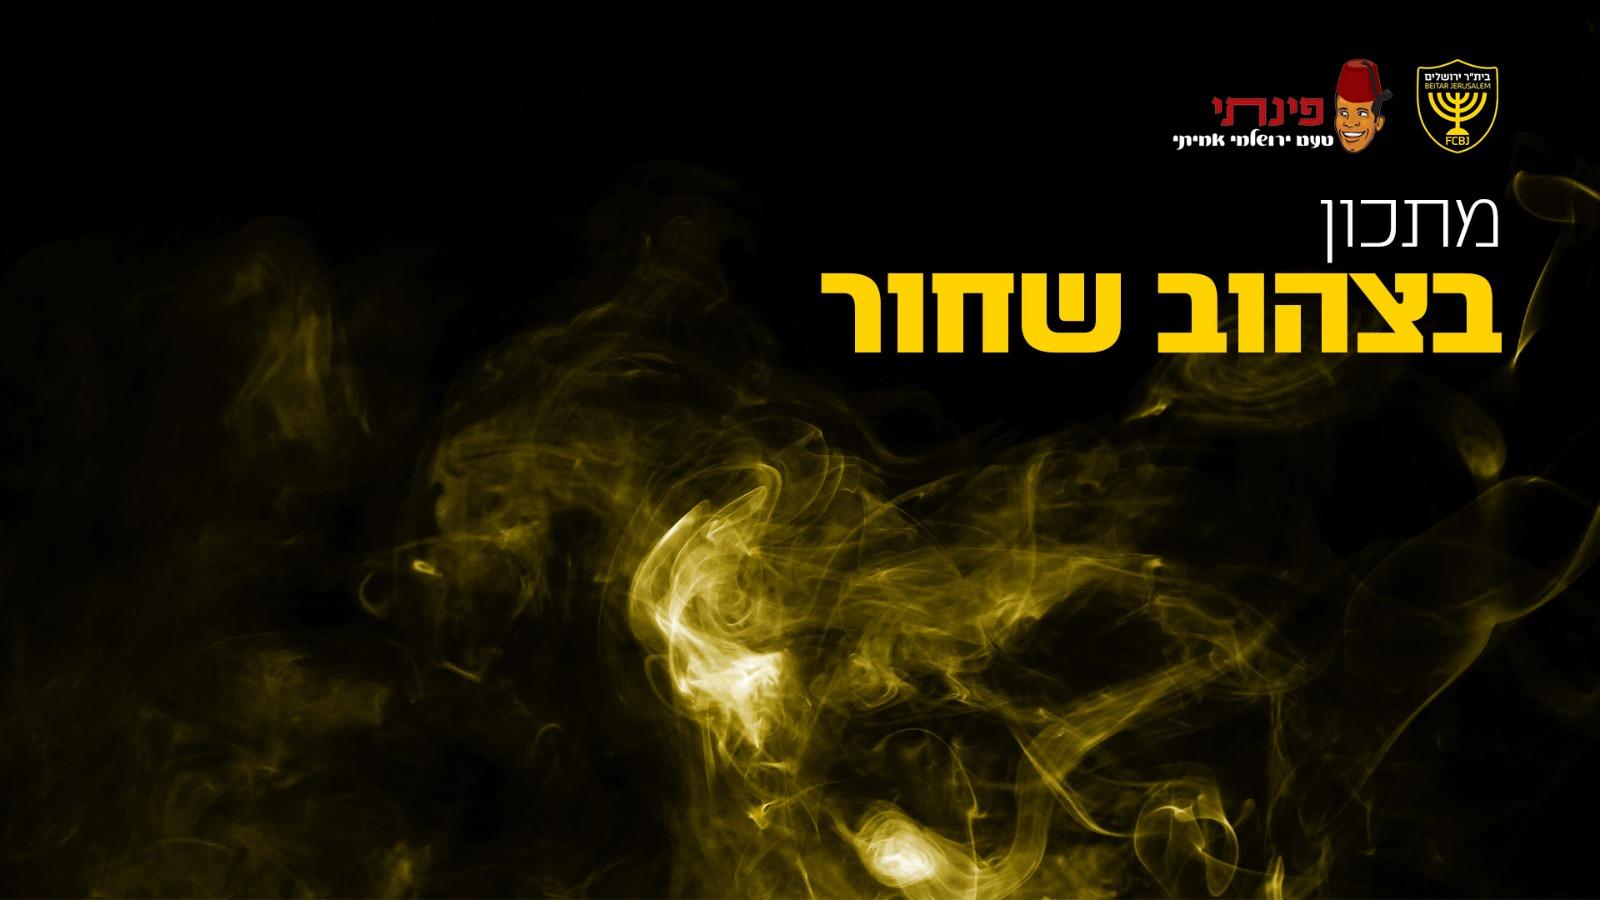 מתכון בצהוב שחור